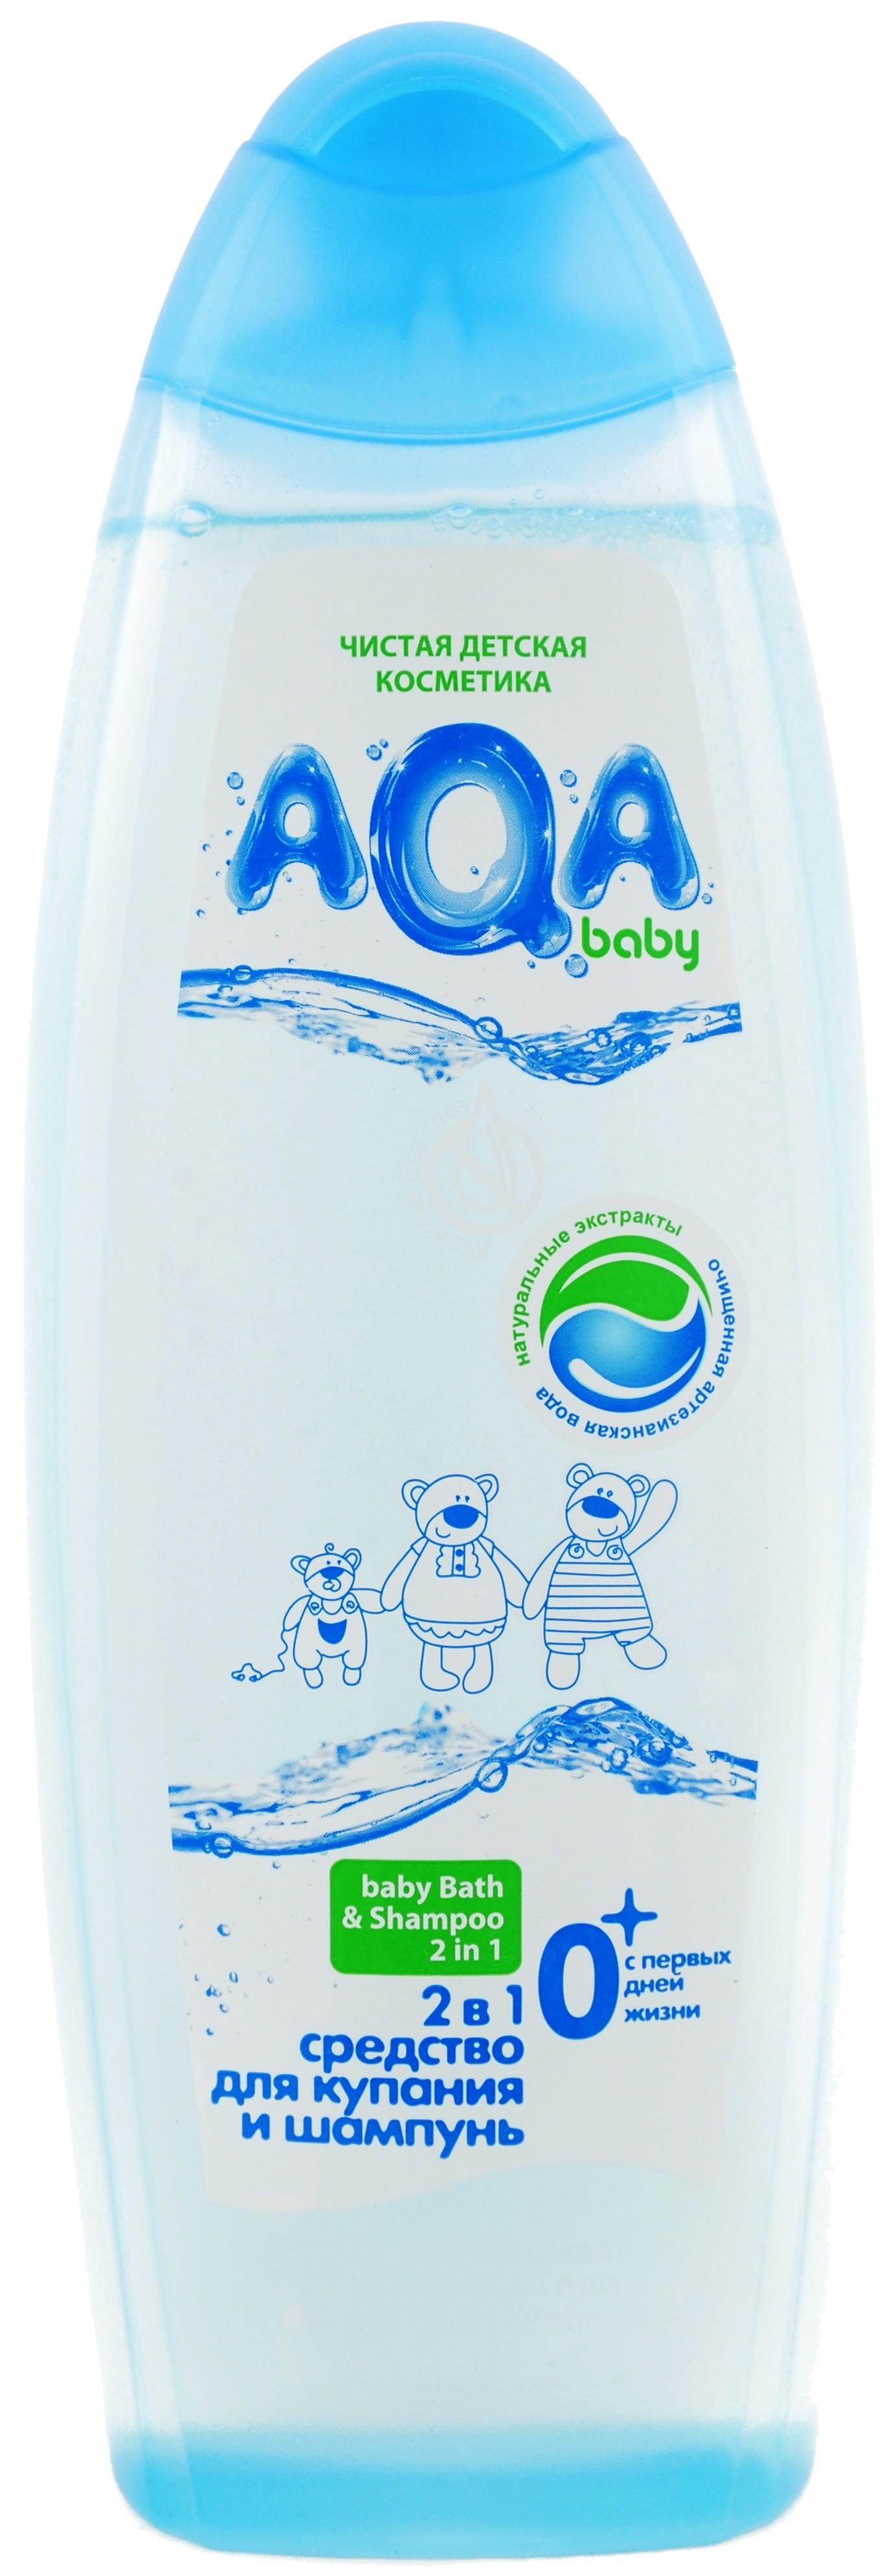 Гель для купания AQA baby 2в1 500 мл гель aqa baby с дозатором 300 мл